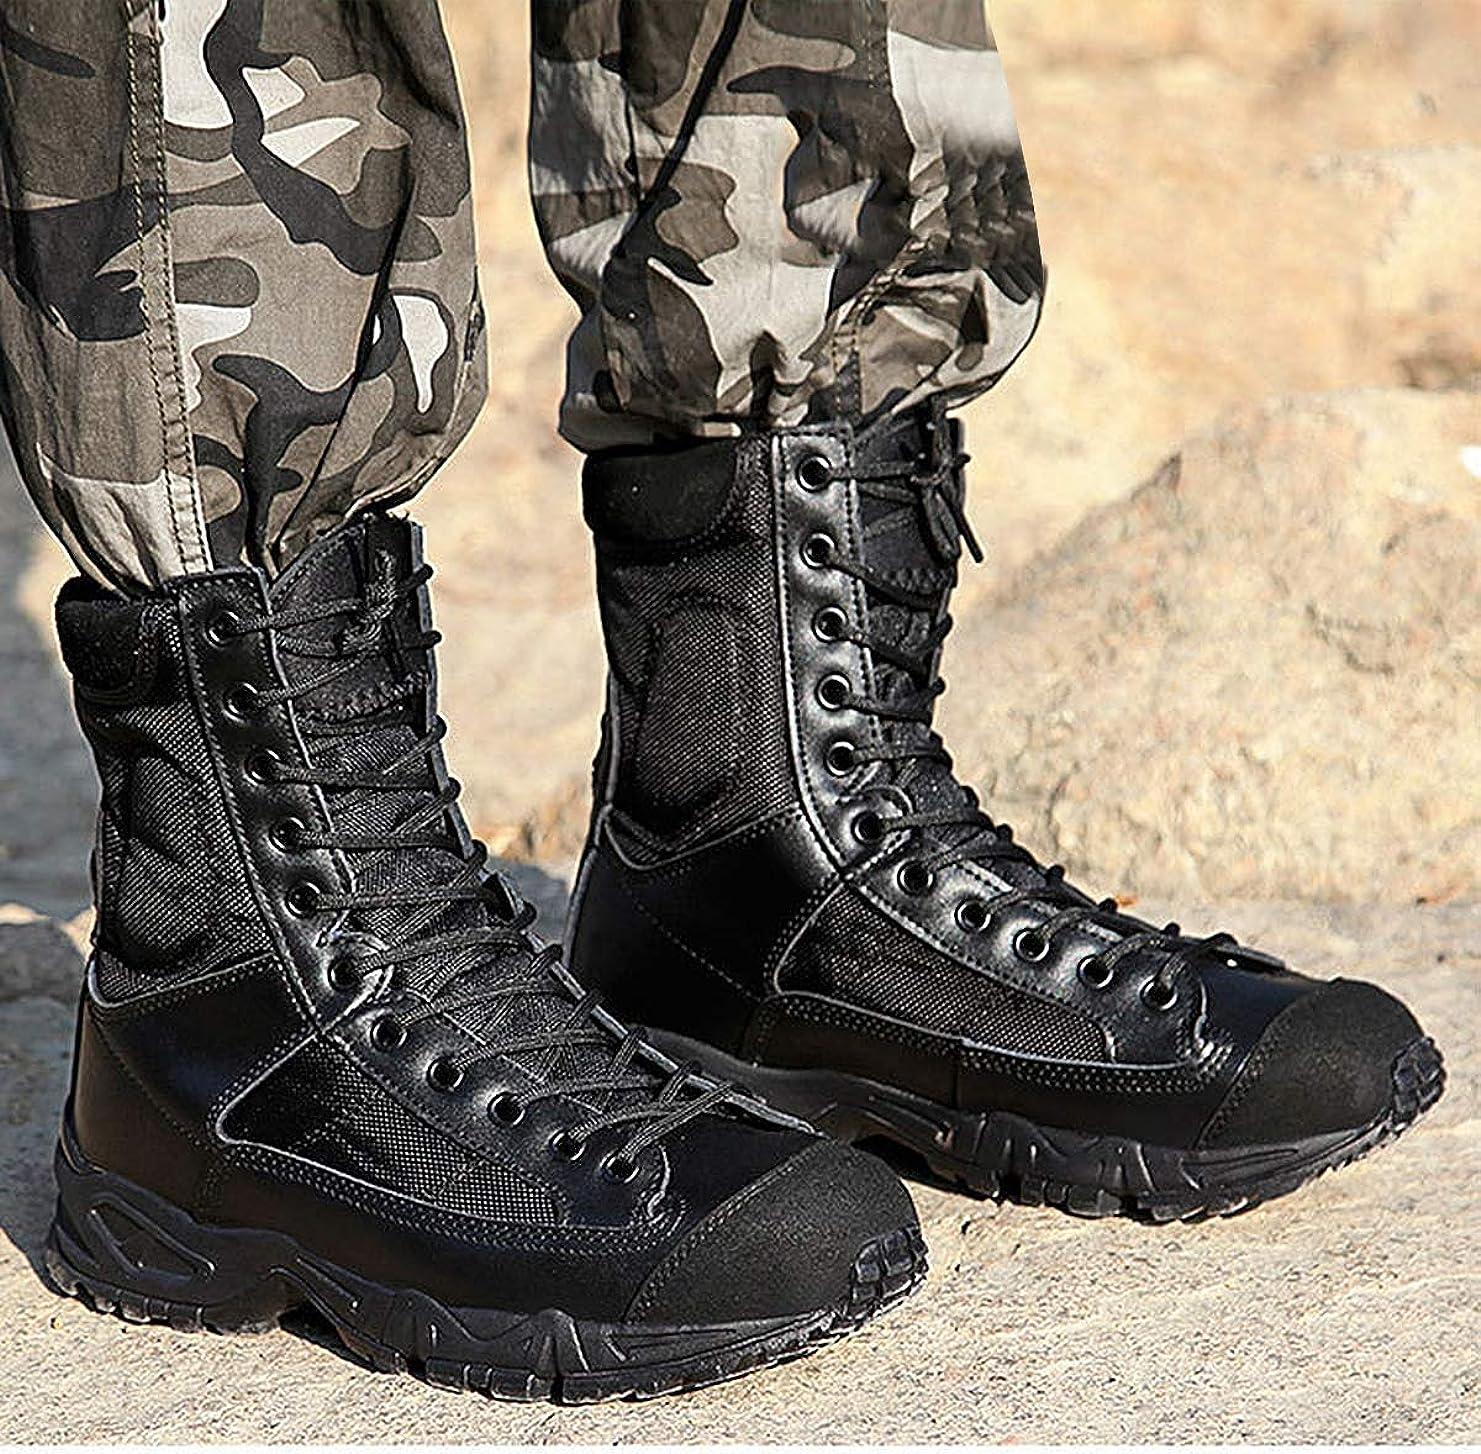 周波数カートリッジ大男性の防水透湿性半長靴、屋外軍用ブーツハイは、靴屋外の靴を狩り作業陸軍訓練戦闘トレッキングシューズ狩猟幹